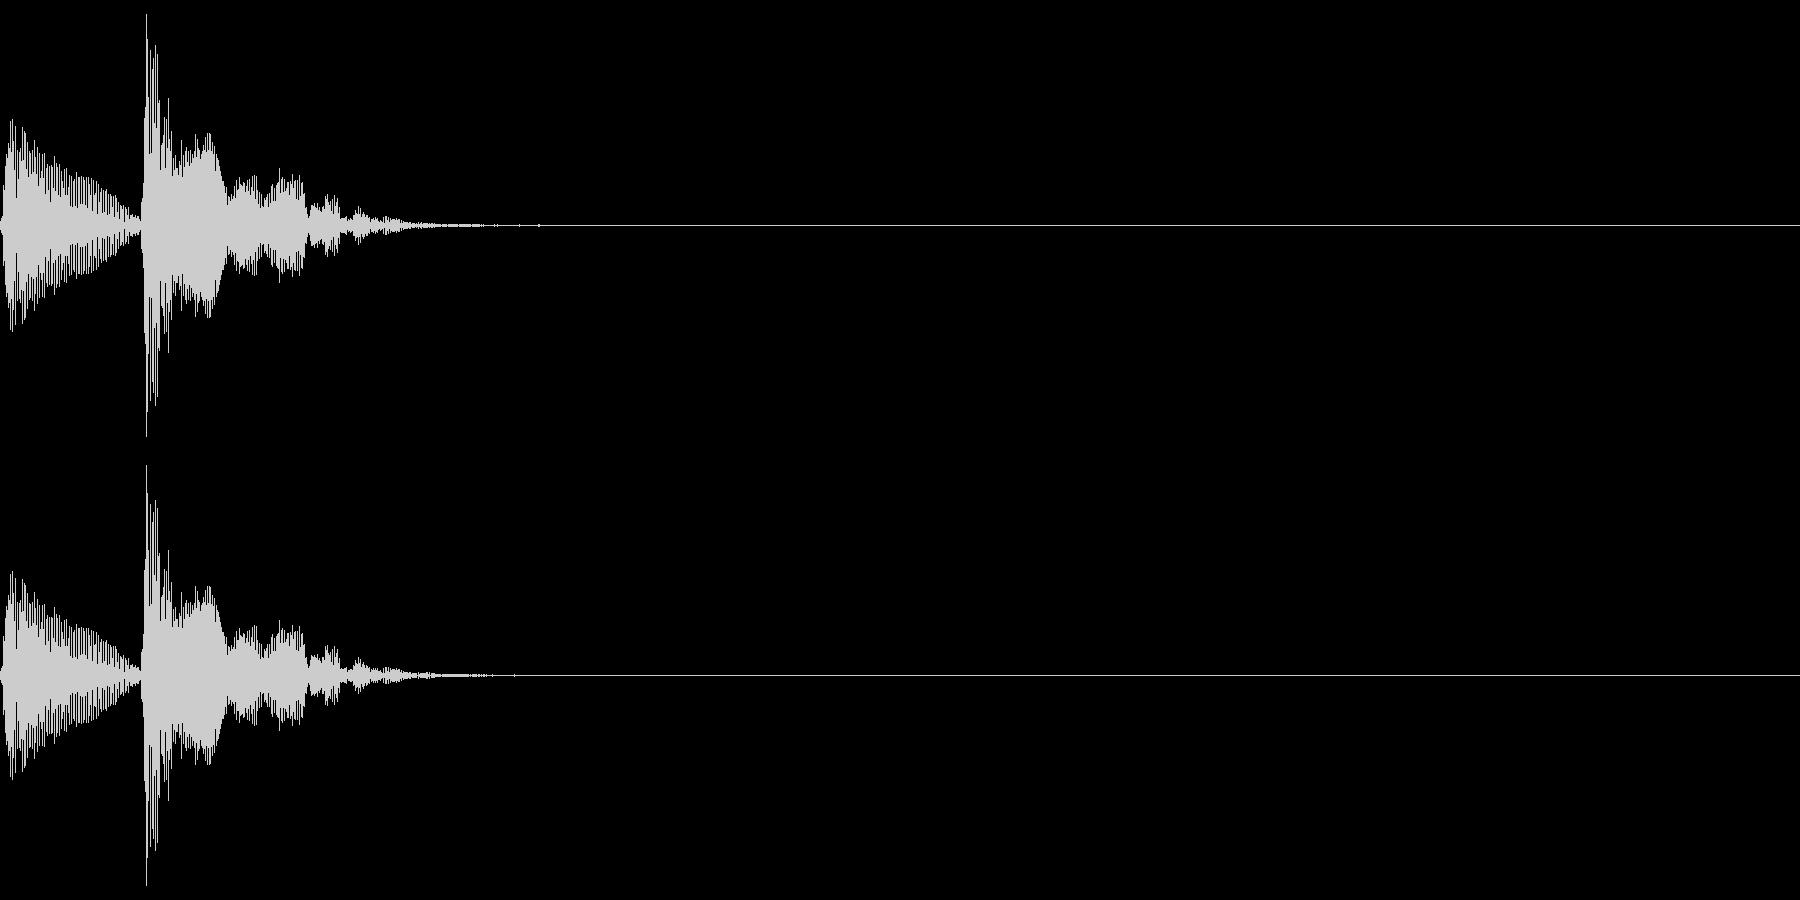 和楽器・鼓(つづみ)のポポン1の未再生の波形